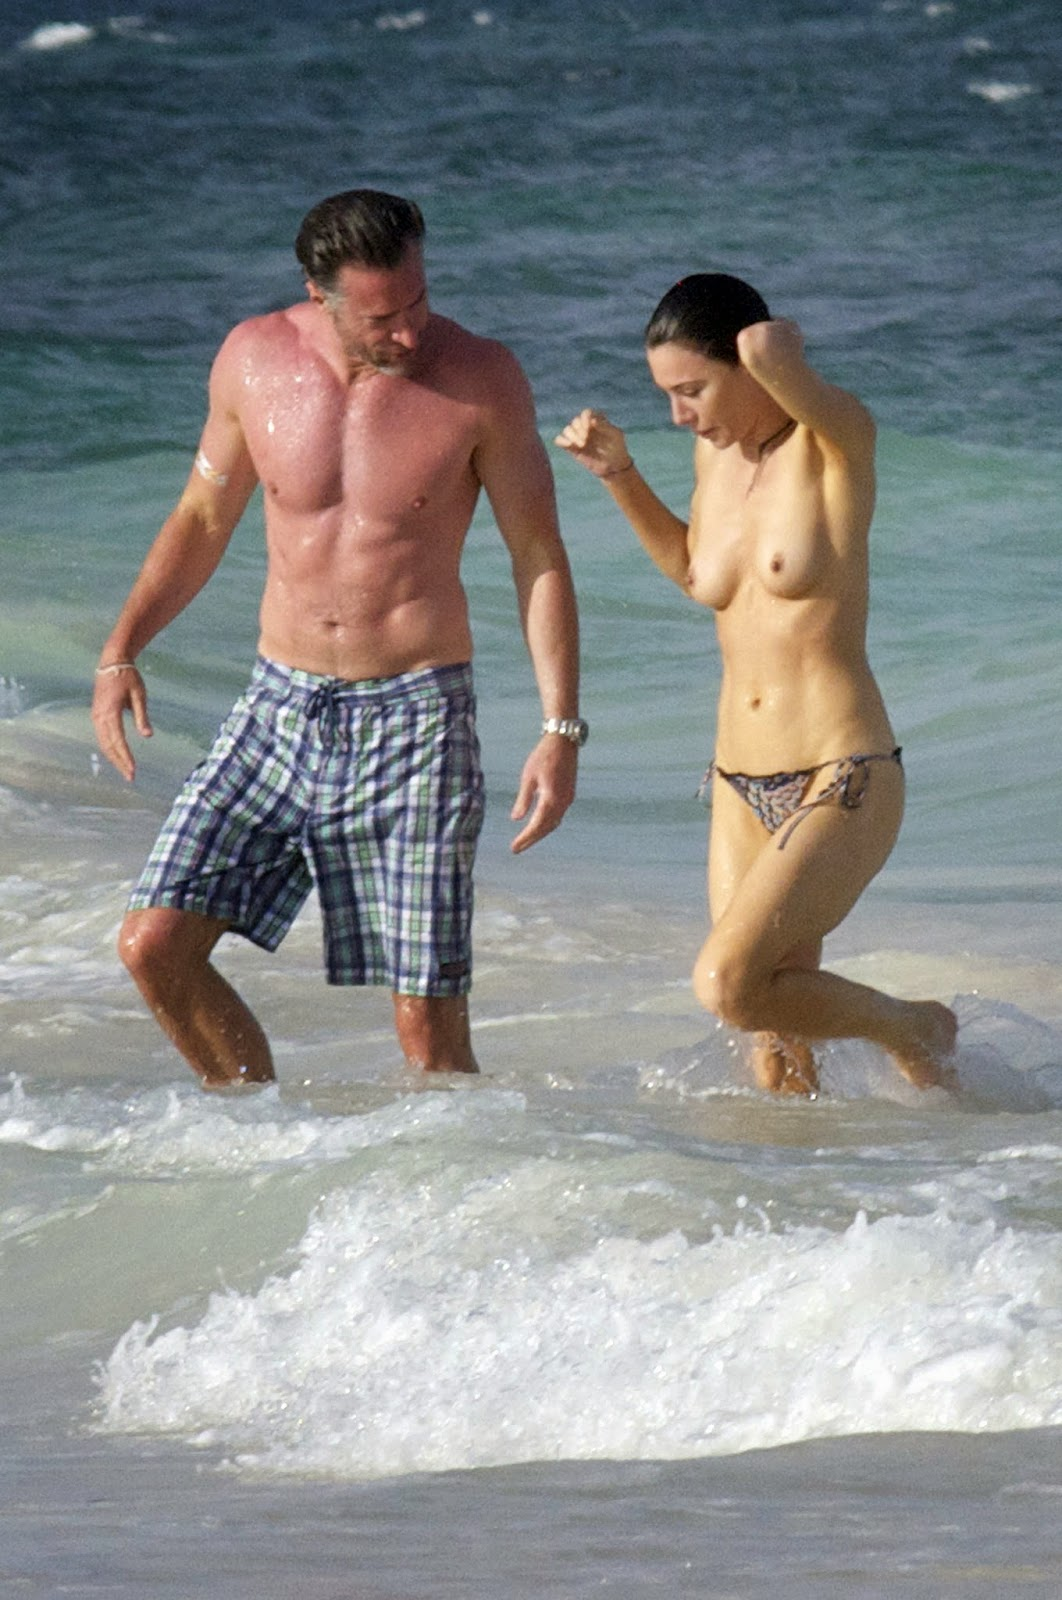 Jaime murray bikini One the